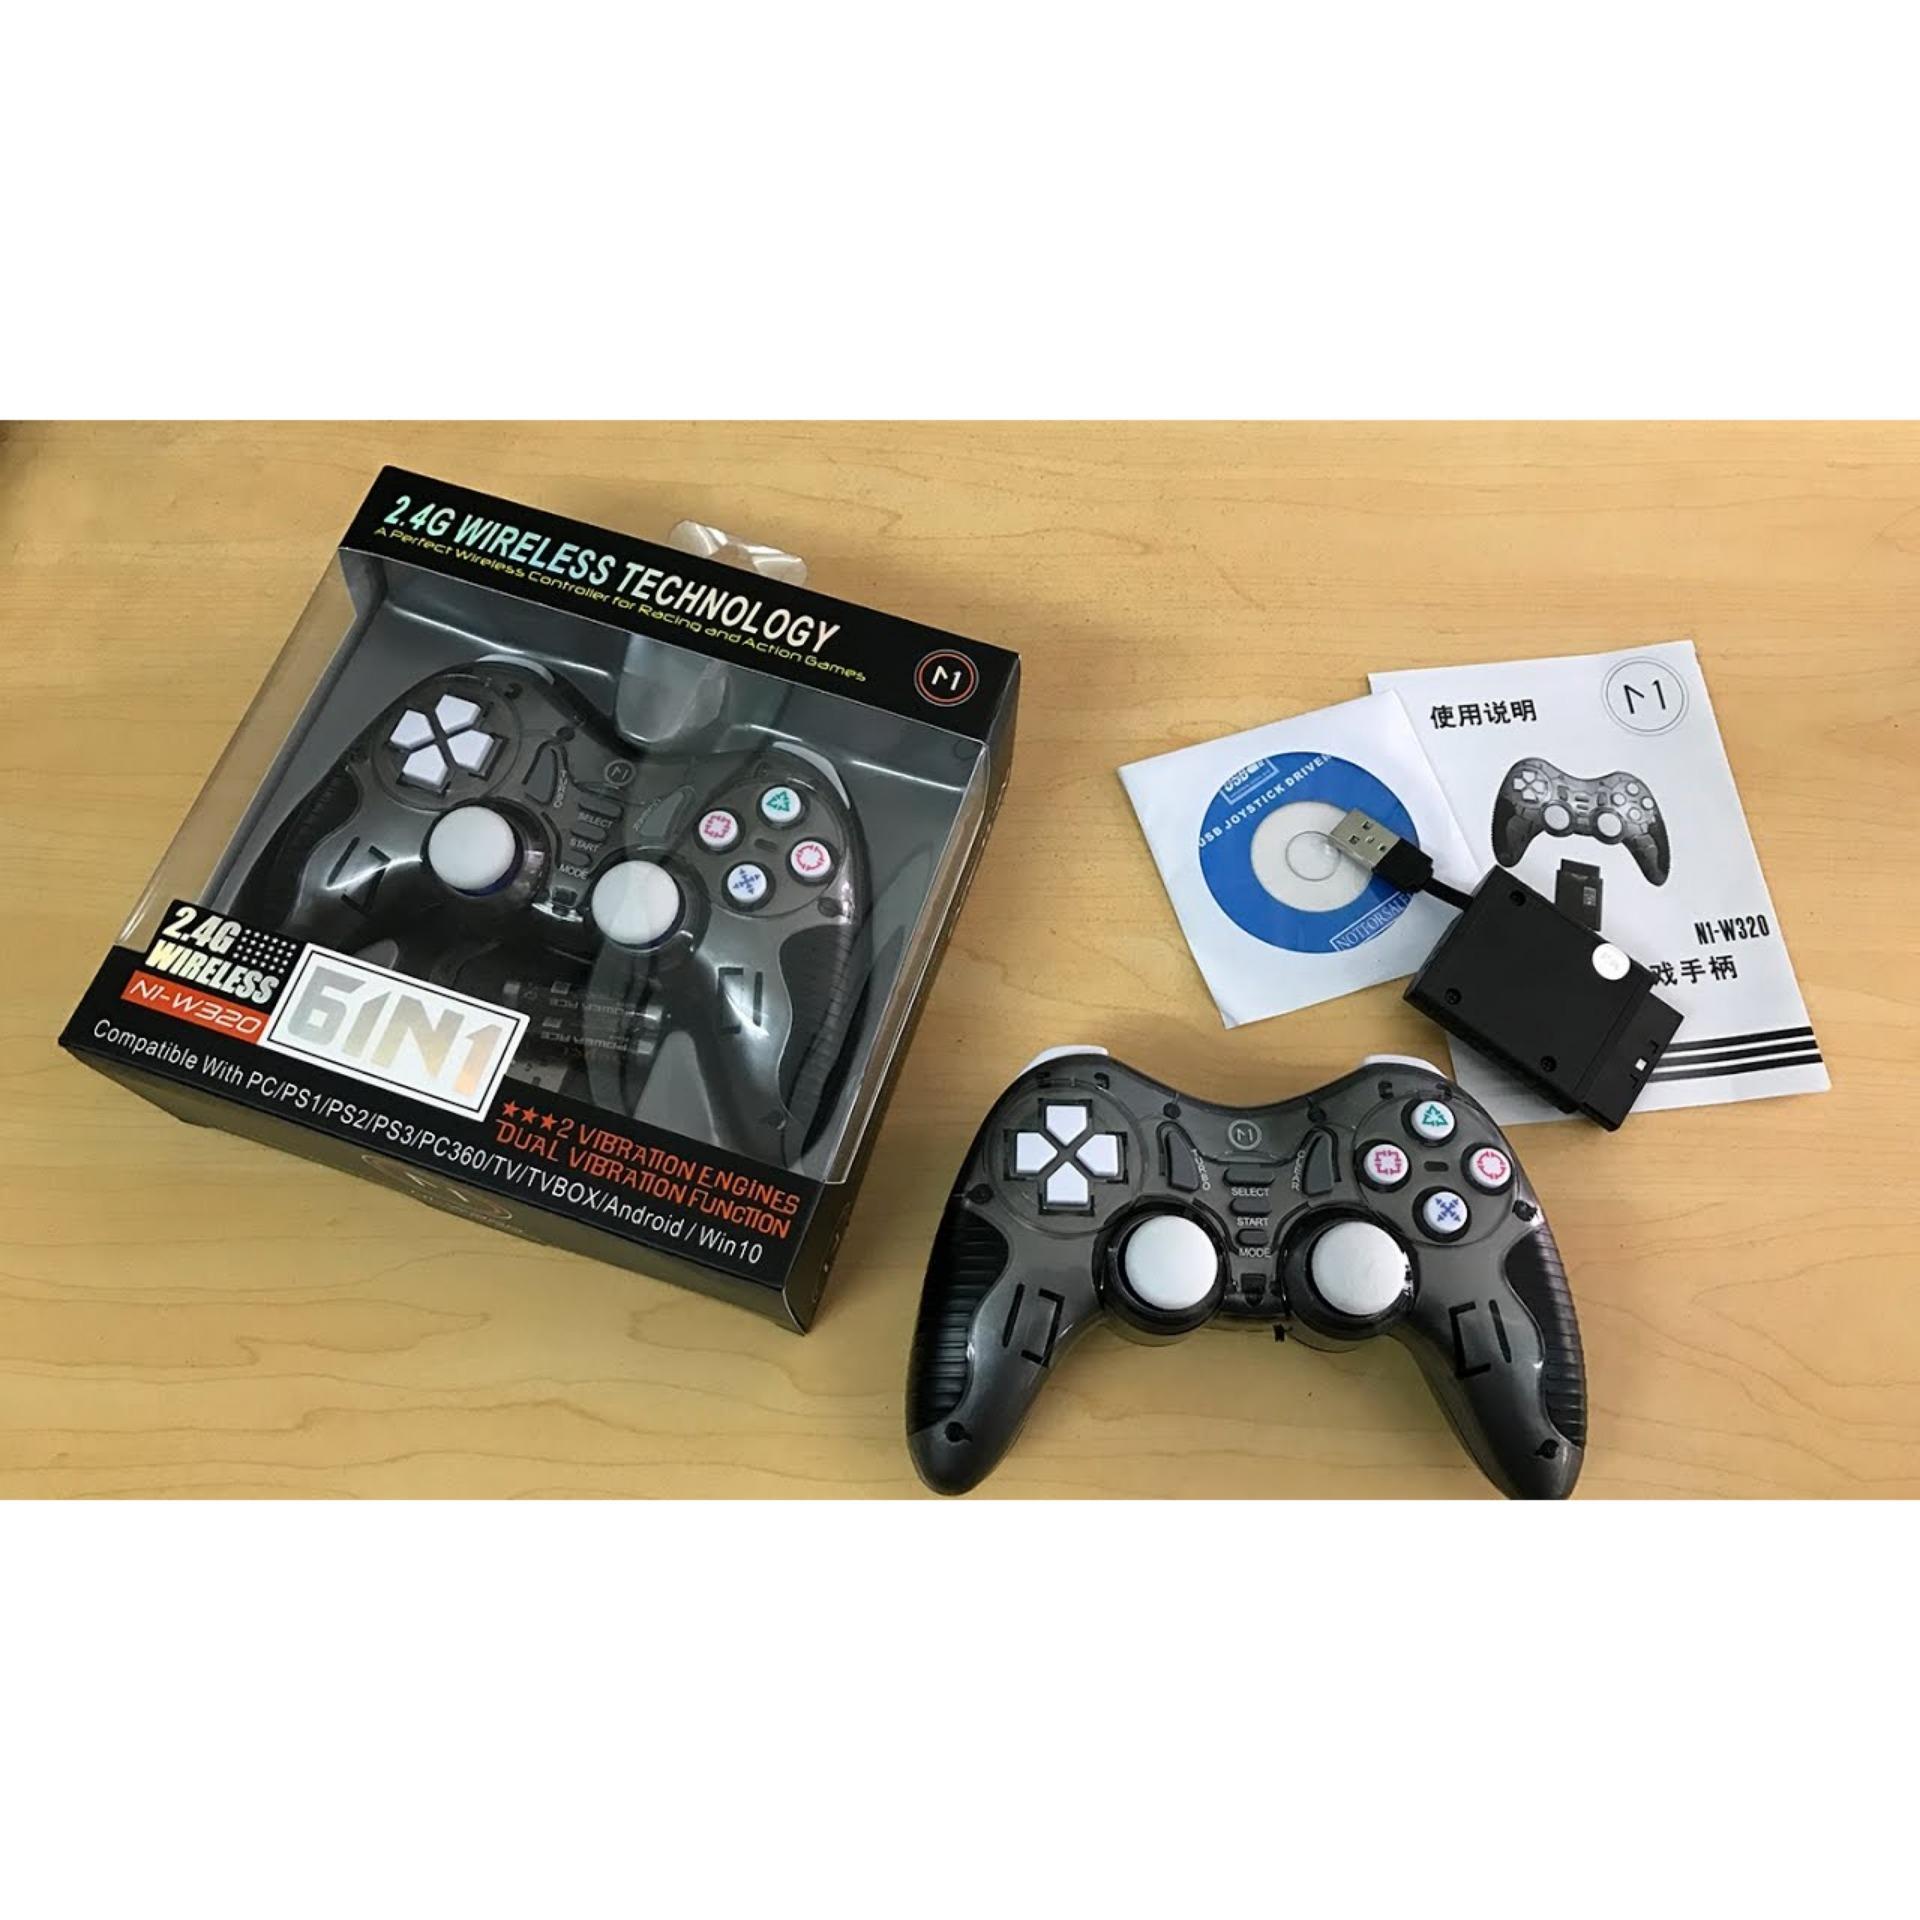 Tay cầm game không dây N1 W320 - 6 trong 1 (Xám) Nhật Bản